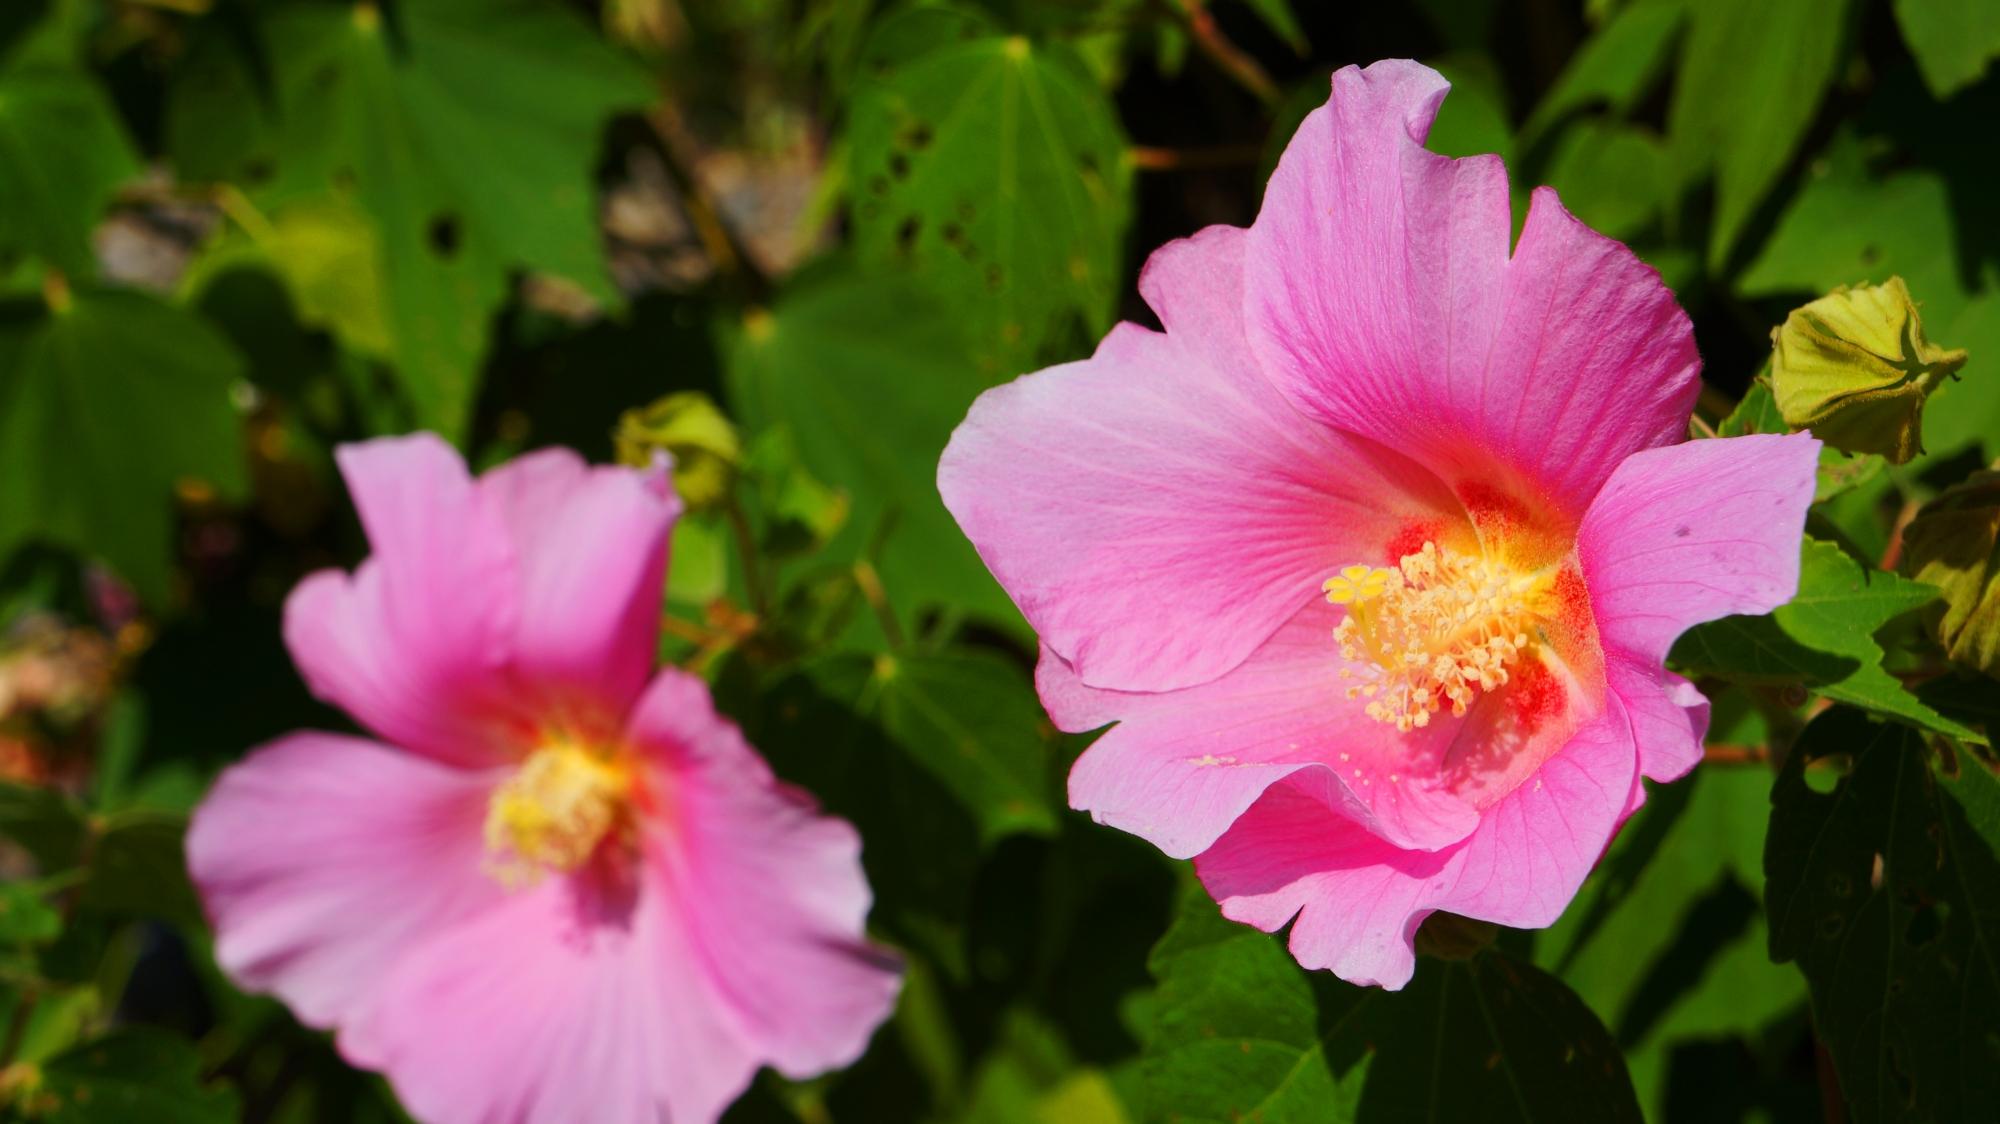 法輪寺の夏の緑の中から溢れるピンクの芙蓉の花